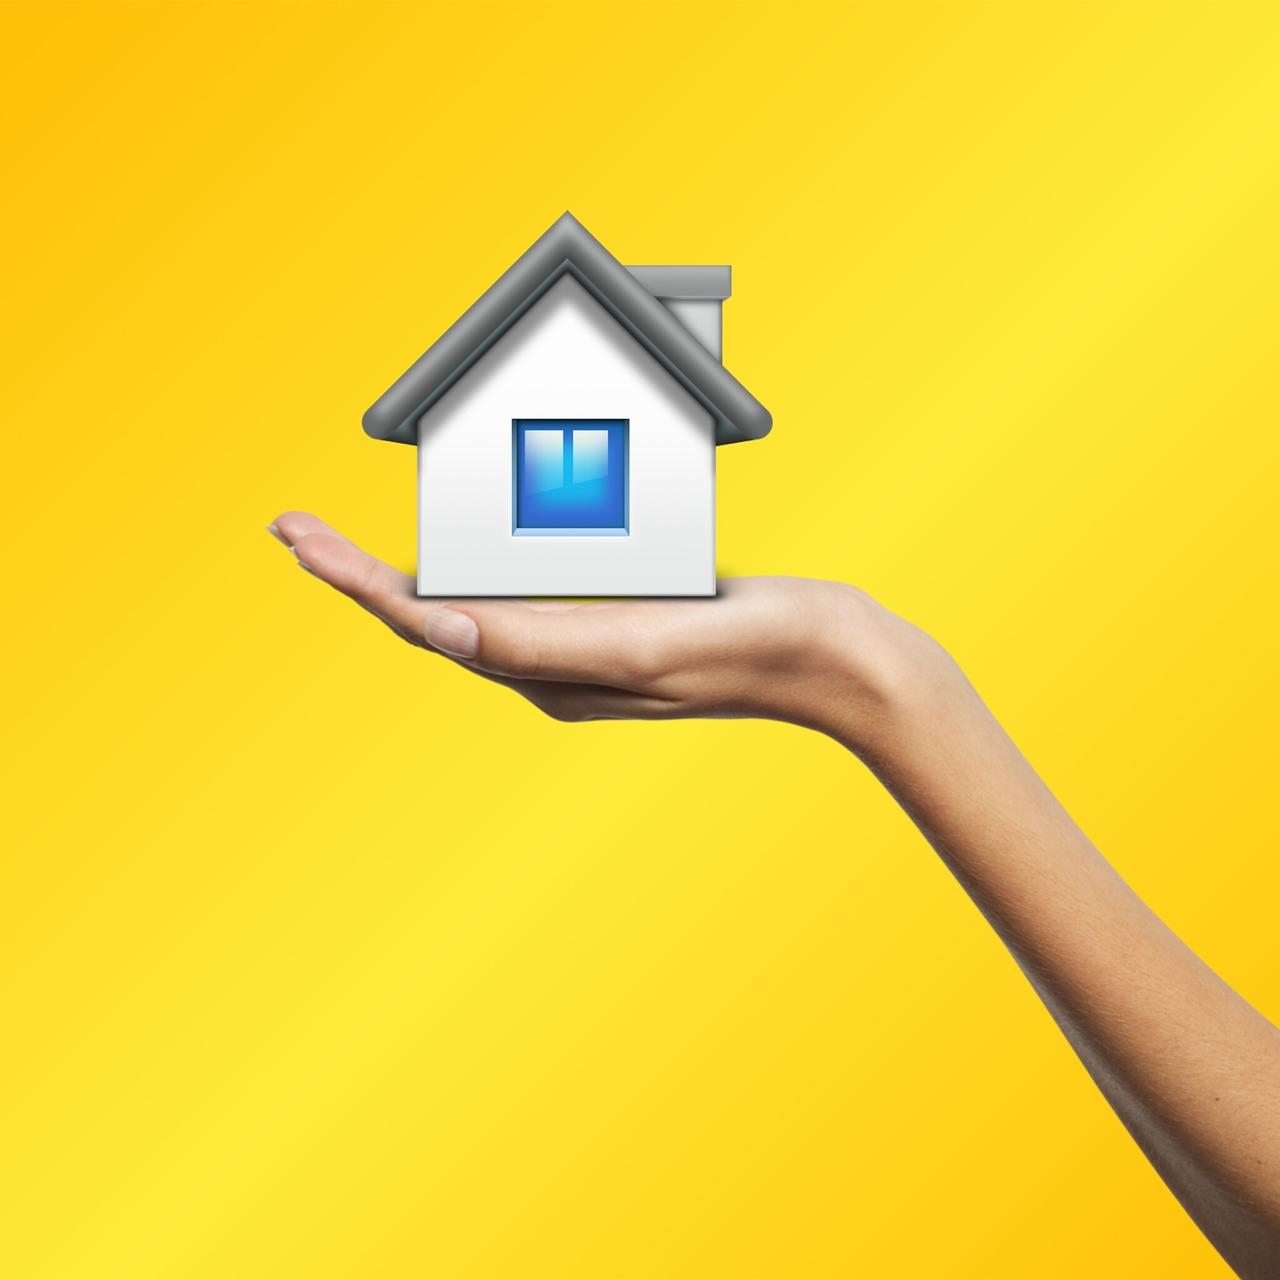 Prêt immobilier: comment convaincre facilement les banques?